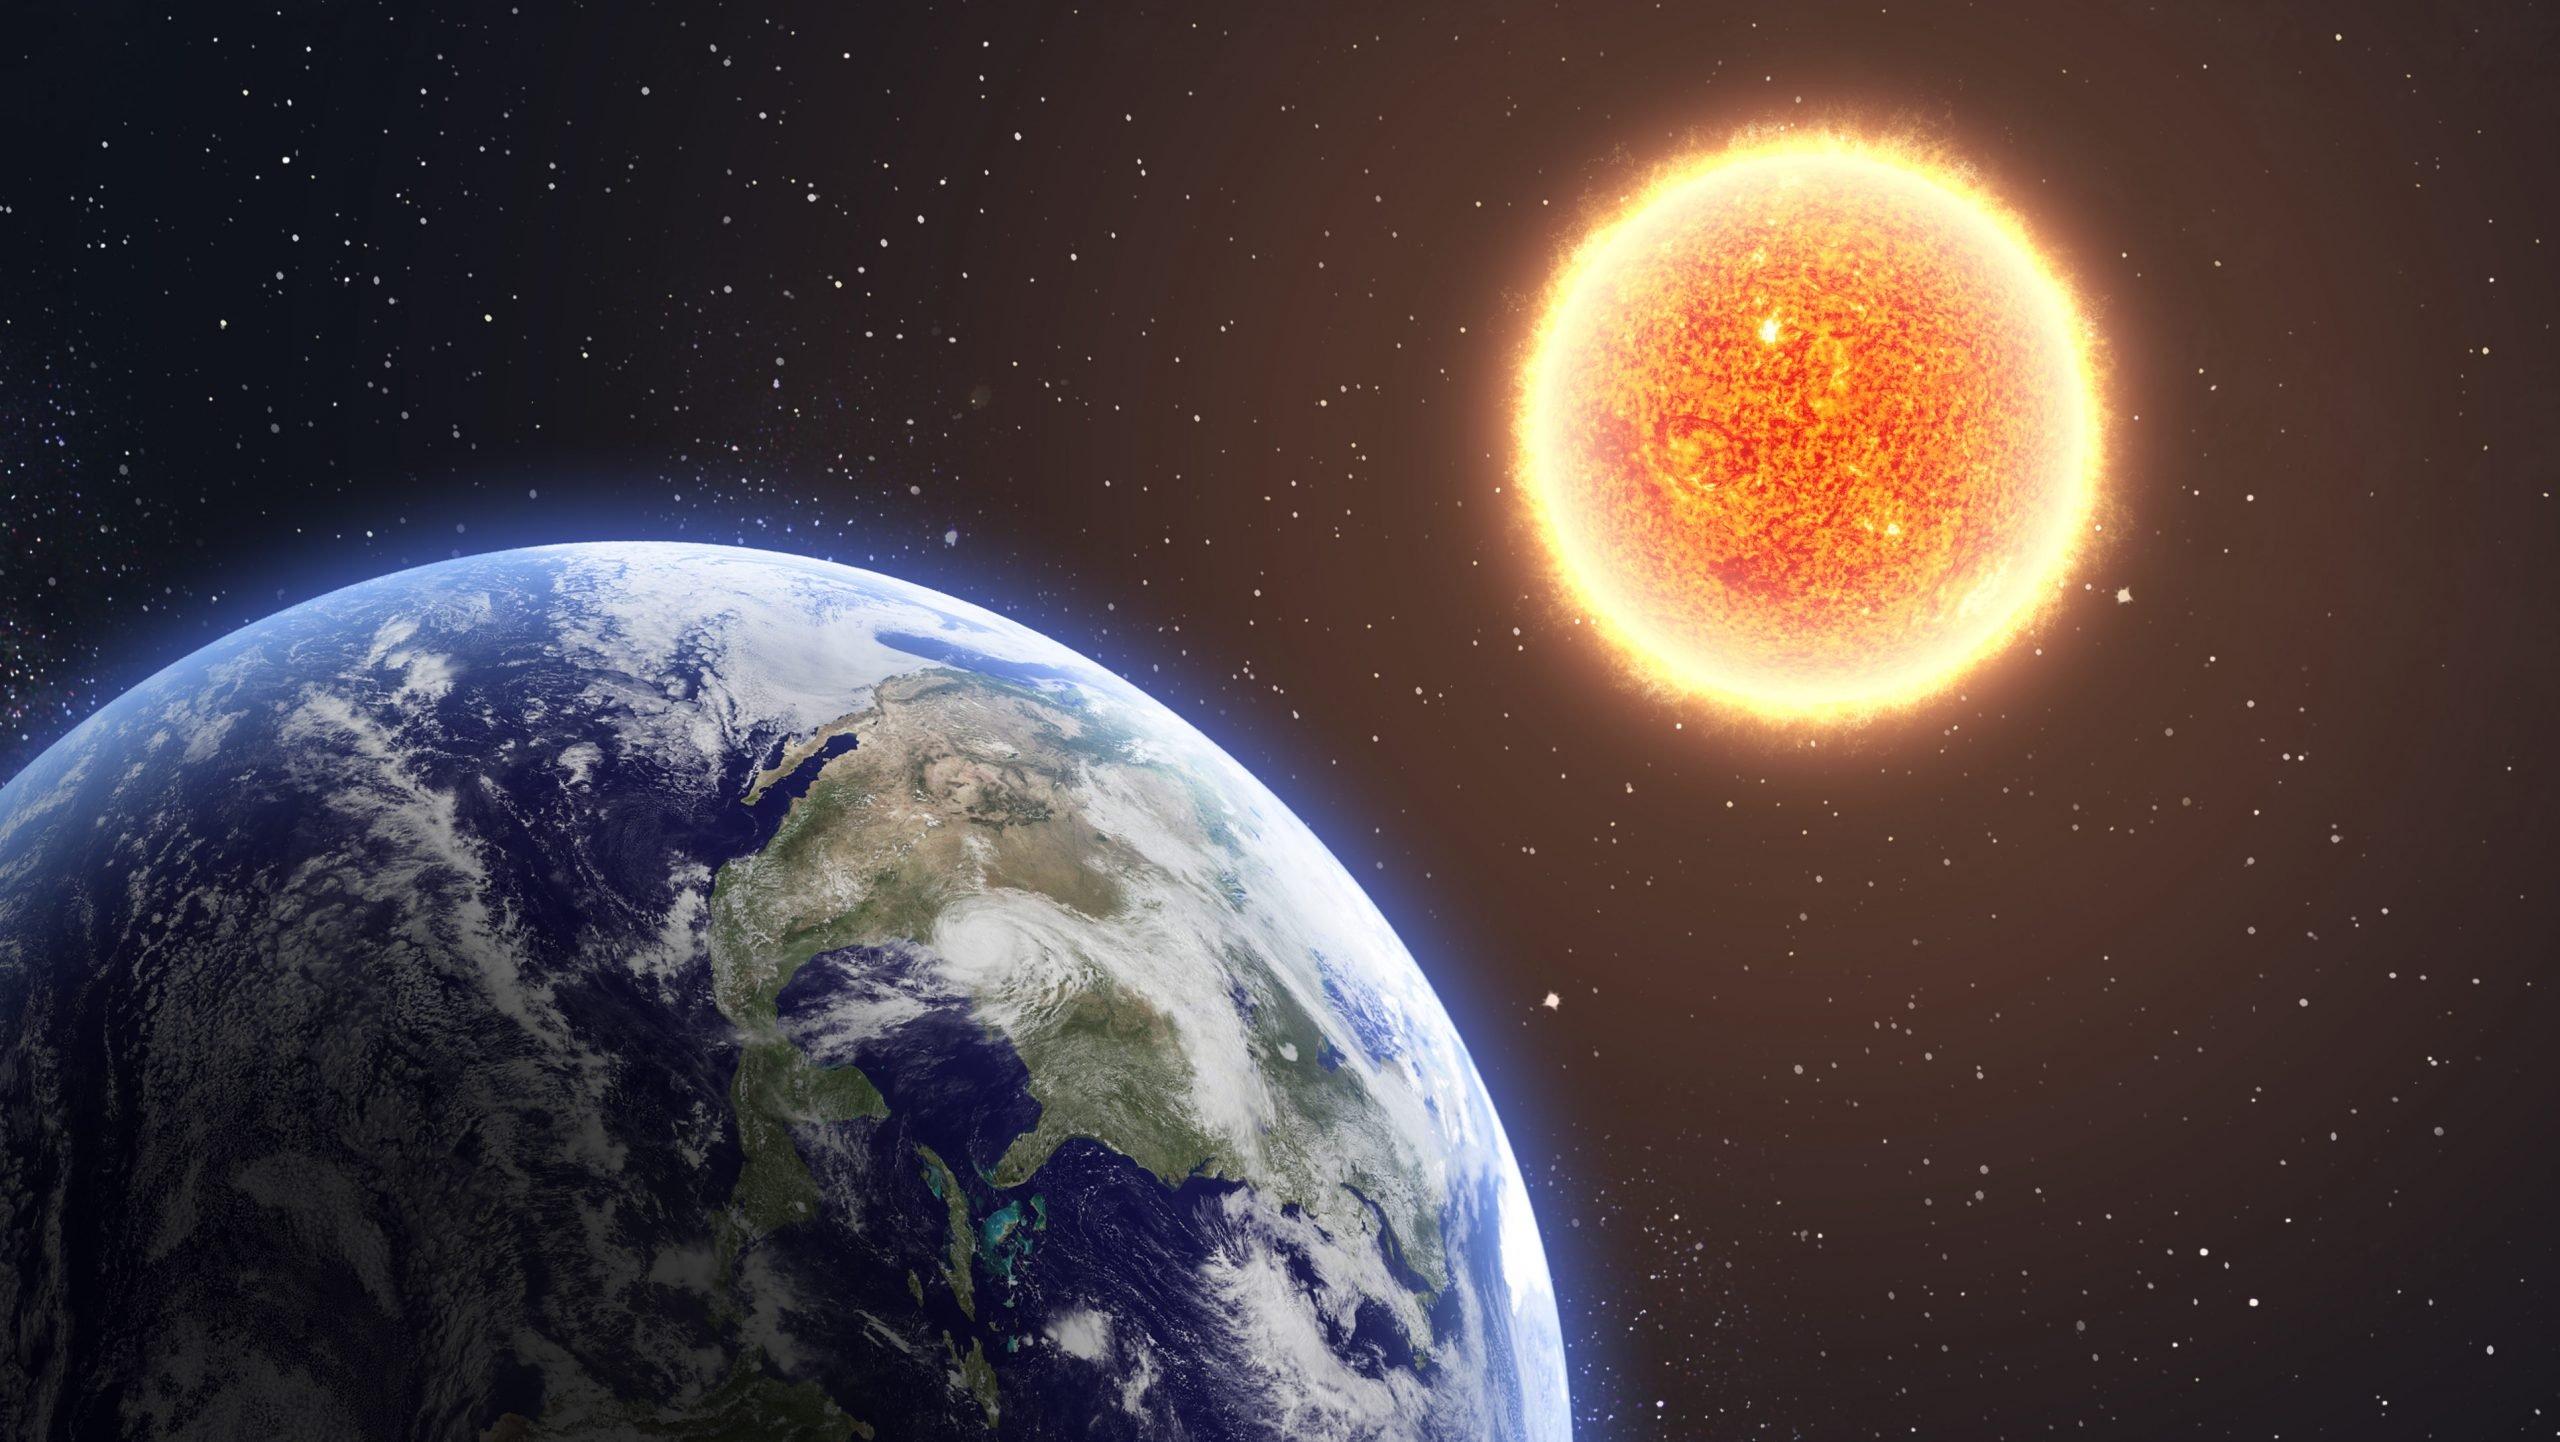 cuento sobre el planeta Tierra